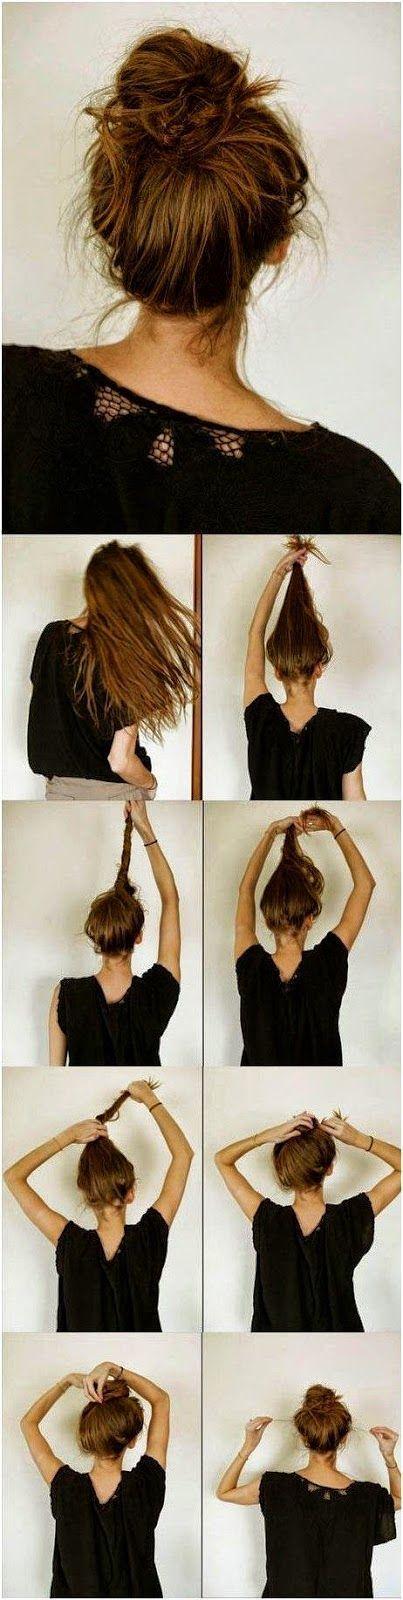 Nos encanta cómo luce el cabello largo, pero peinarlo diario puede ser un verdadero show.Si eres una chica práctica y tienes mil actividades, necesitas peinados fáciles y prácticos. No busques más, aquí te dejamos 5 que te sacarán del apuro:1. Messy chignonSi eres de las...